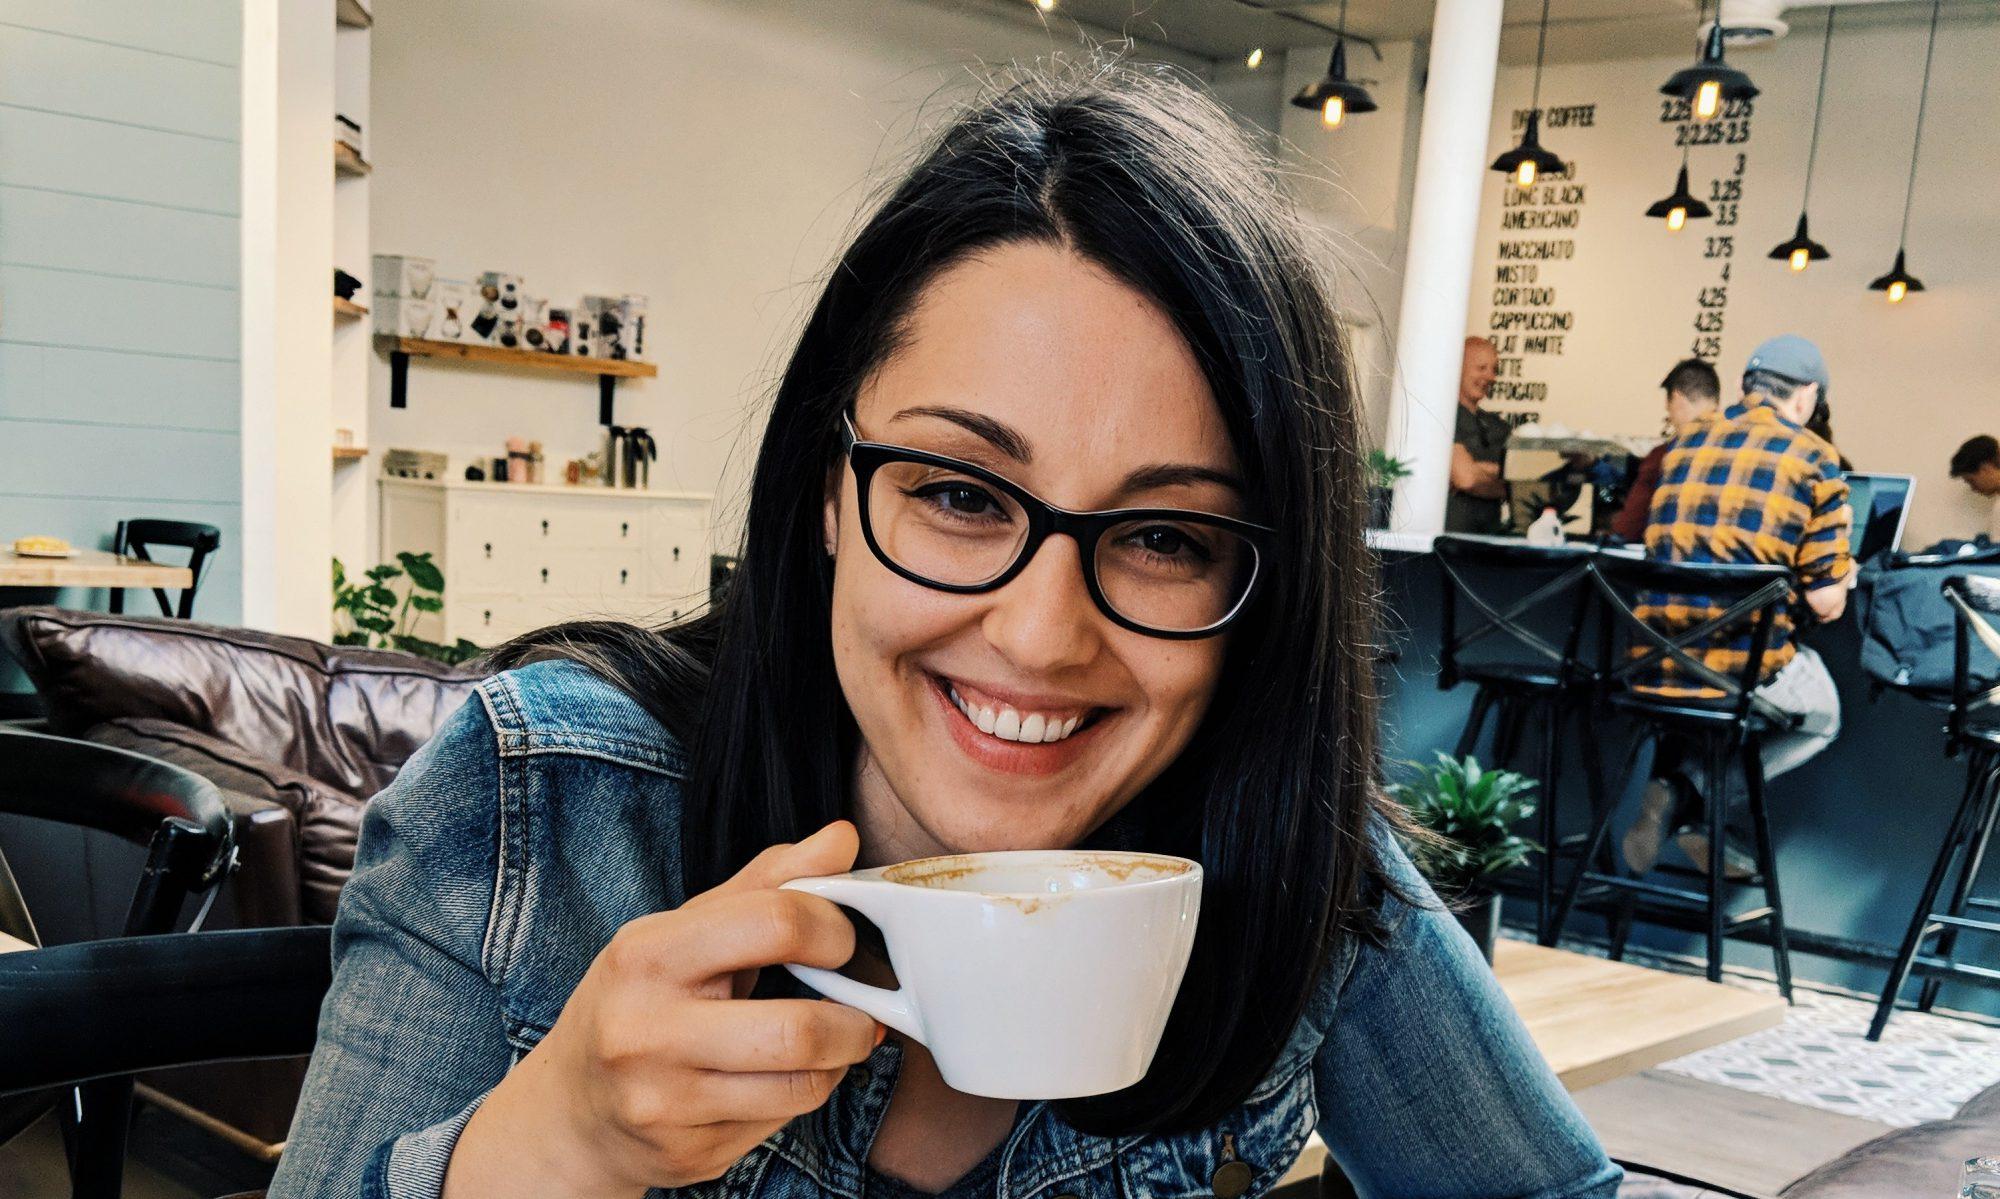 Vanessa Grillone